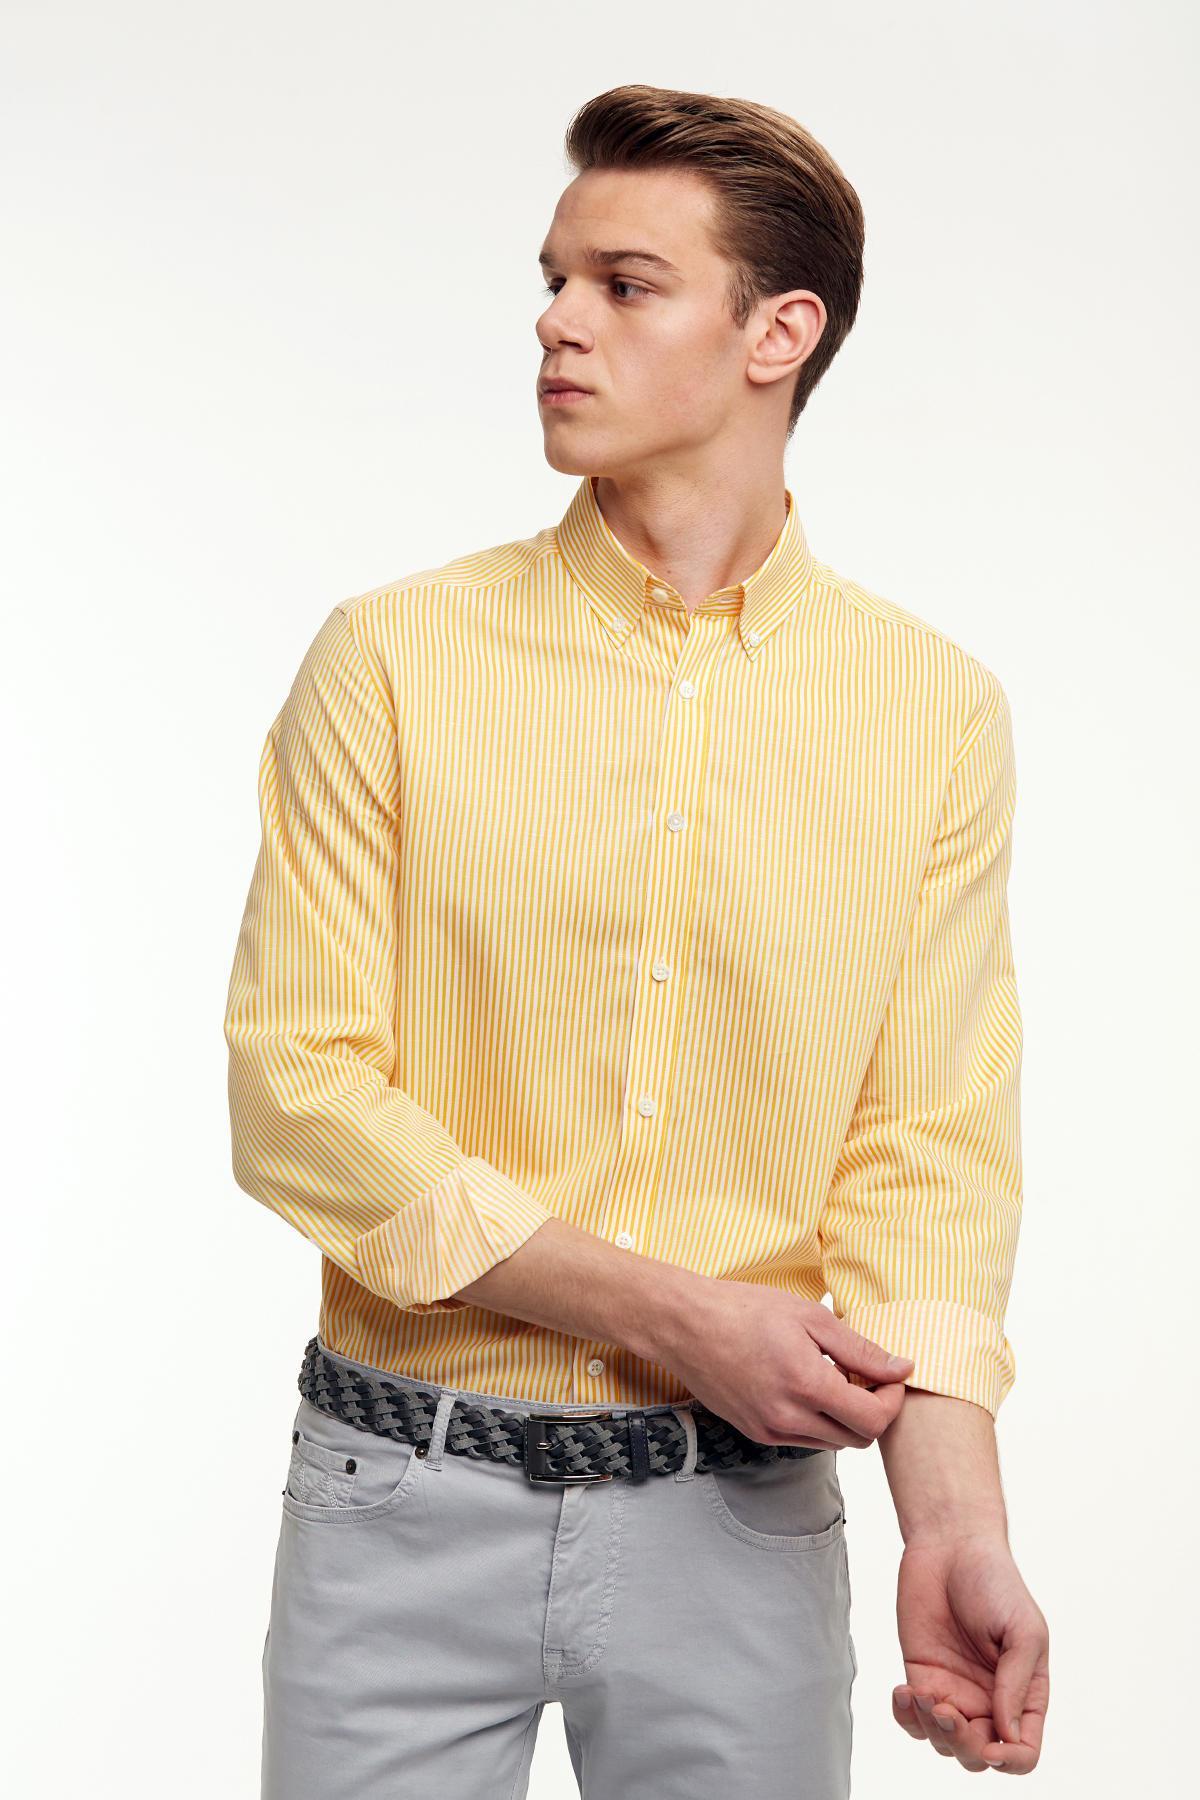 Sarı Beyaz Çizgili İnce Spor Gömlek